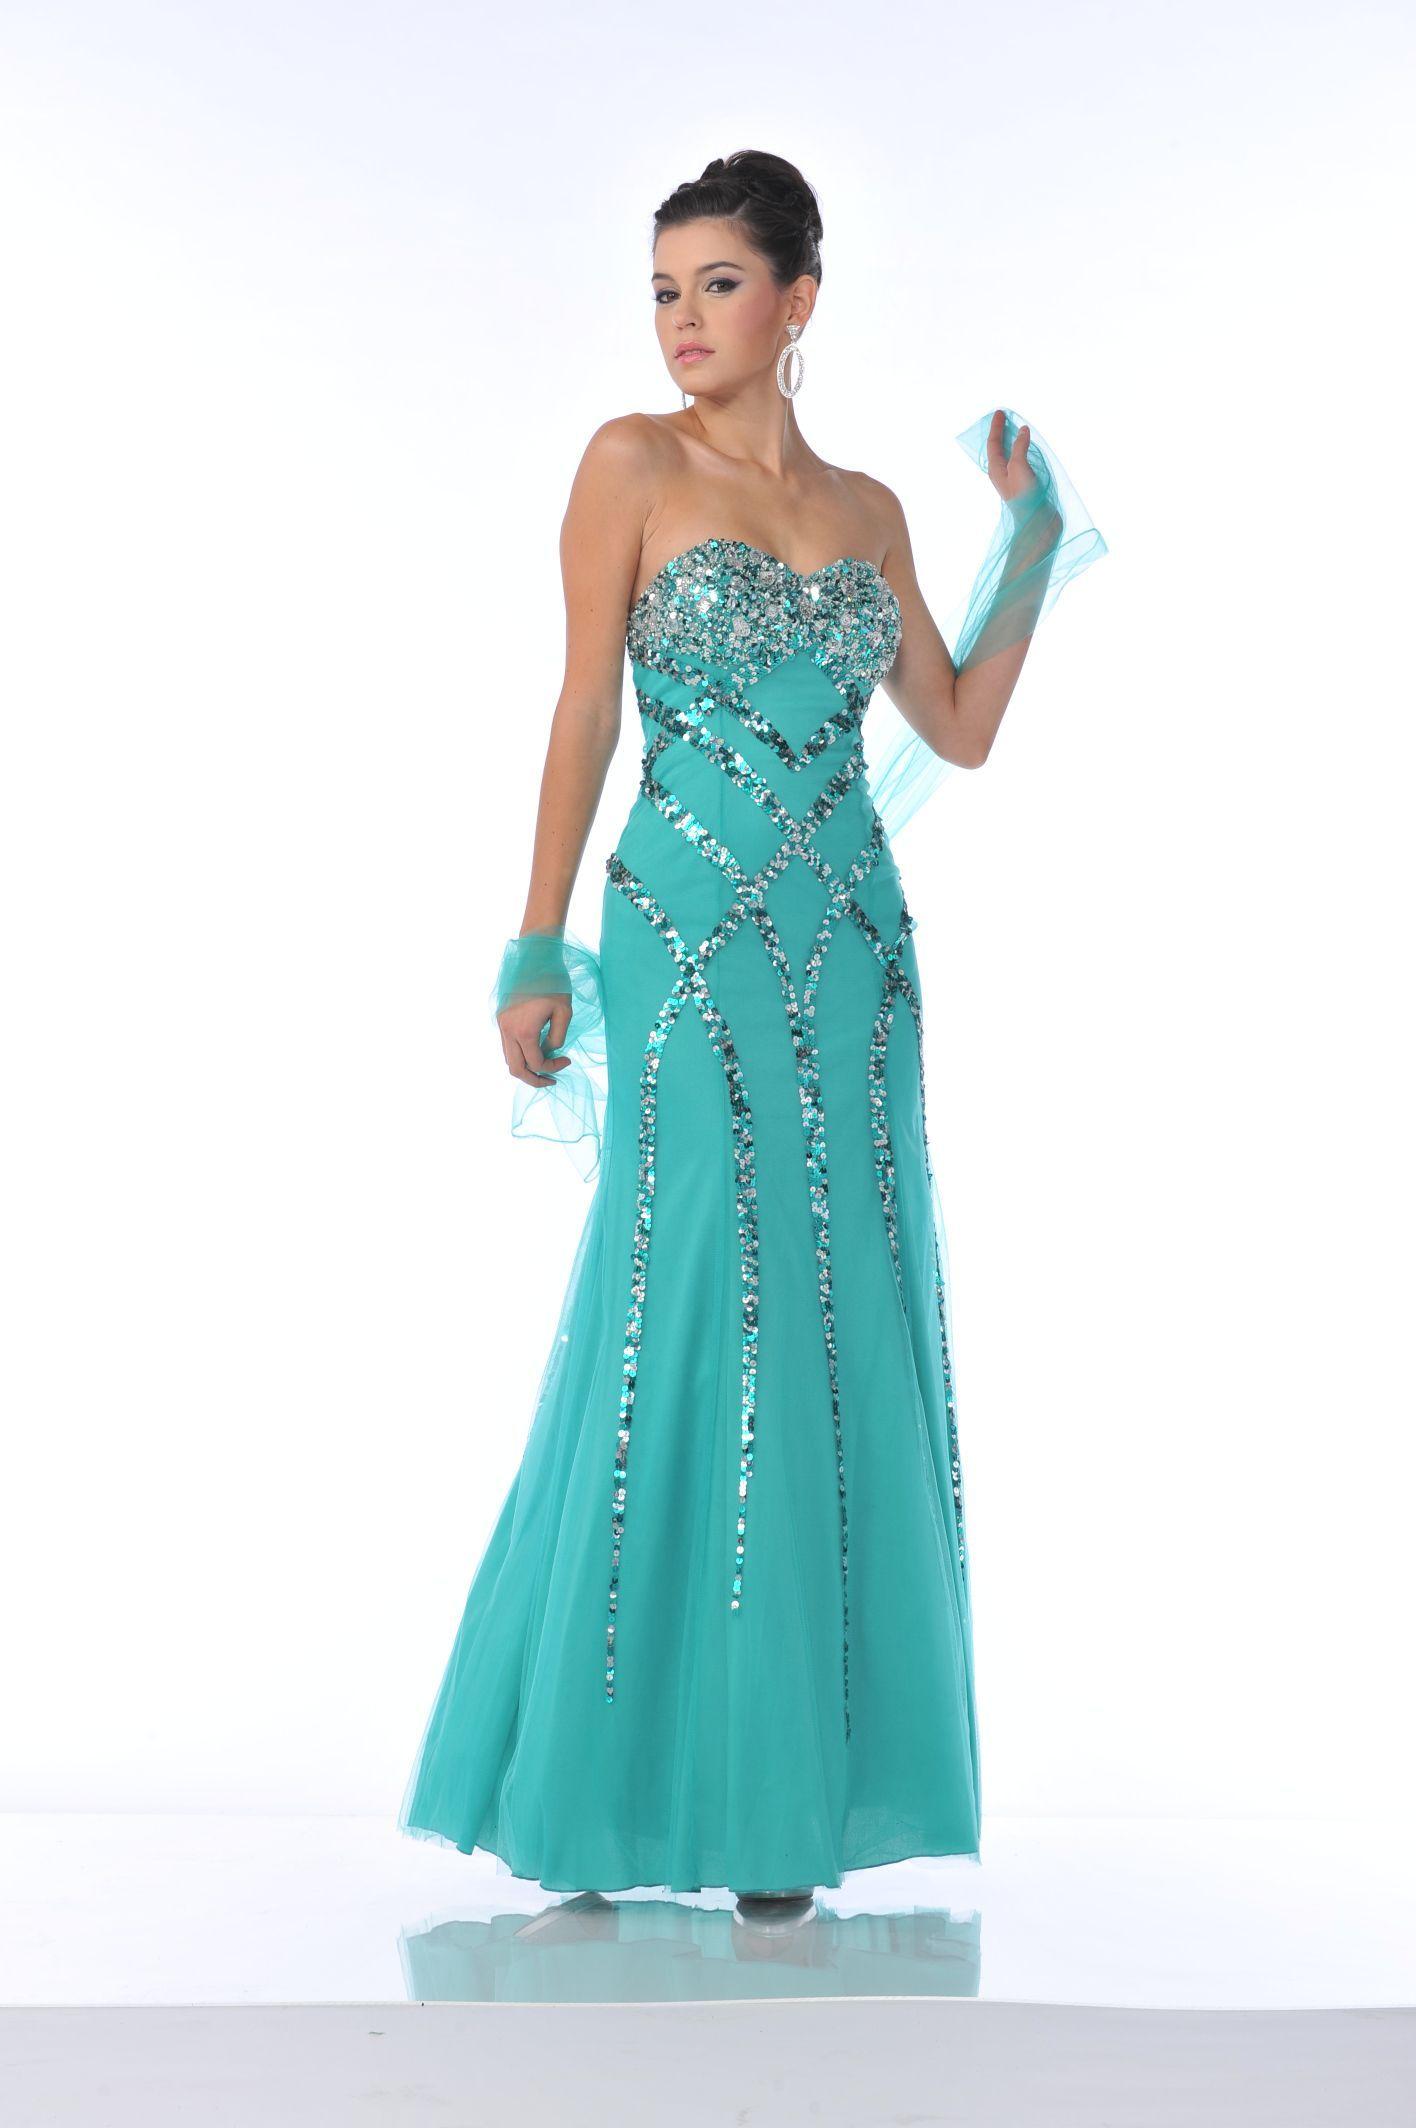 Ziemlich Houston Prom Kleid Läden Ideen - Brautkleider Ideen ...